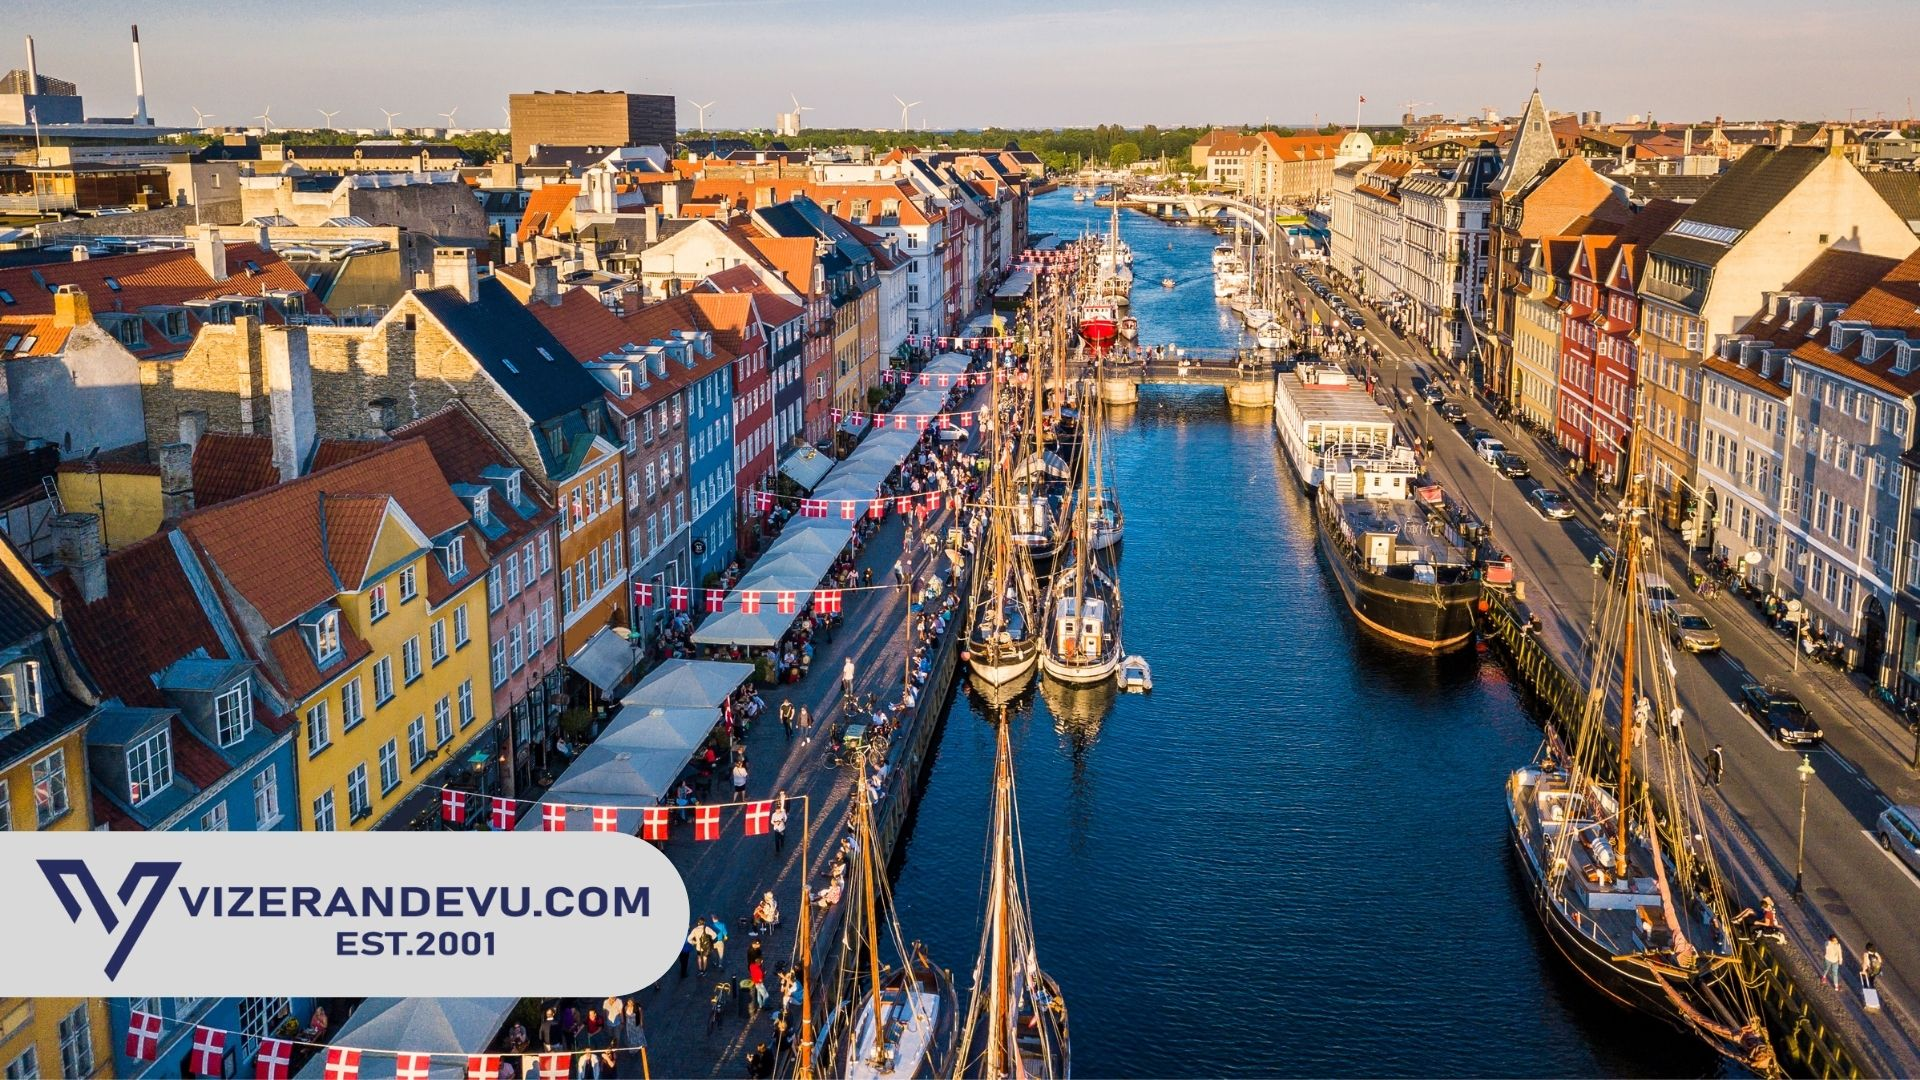 Danimarka - Vize İşlemleri